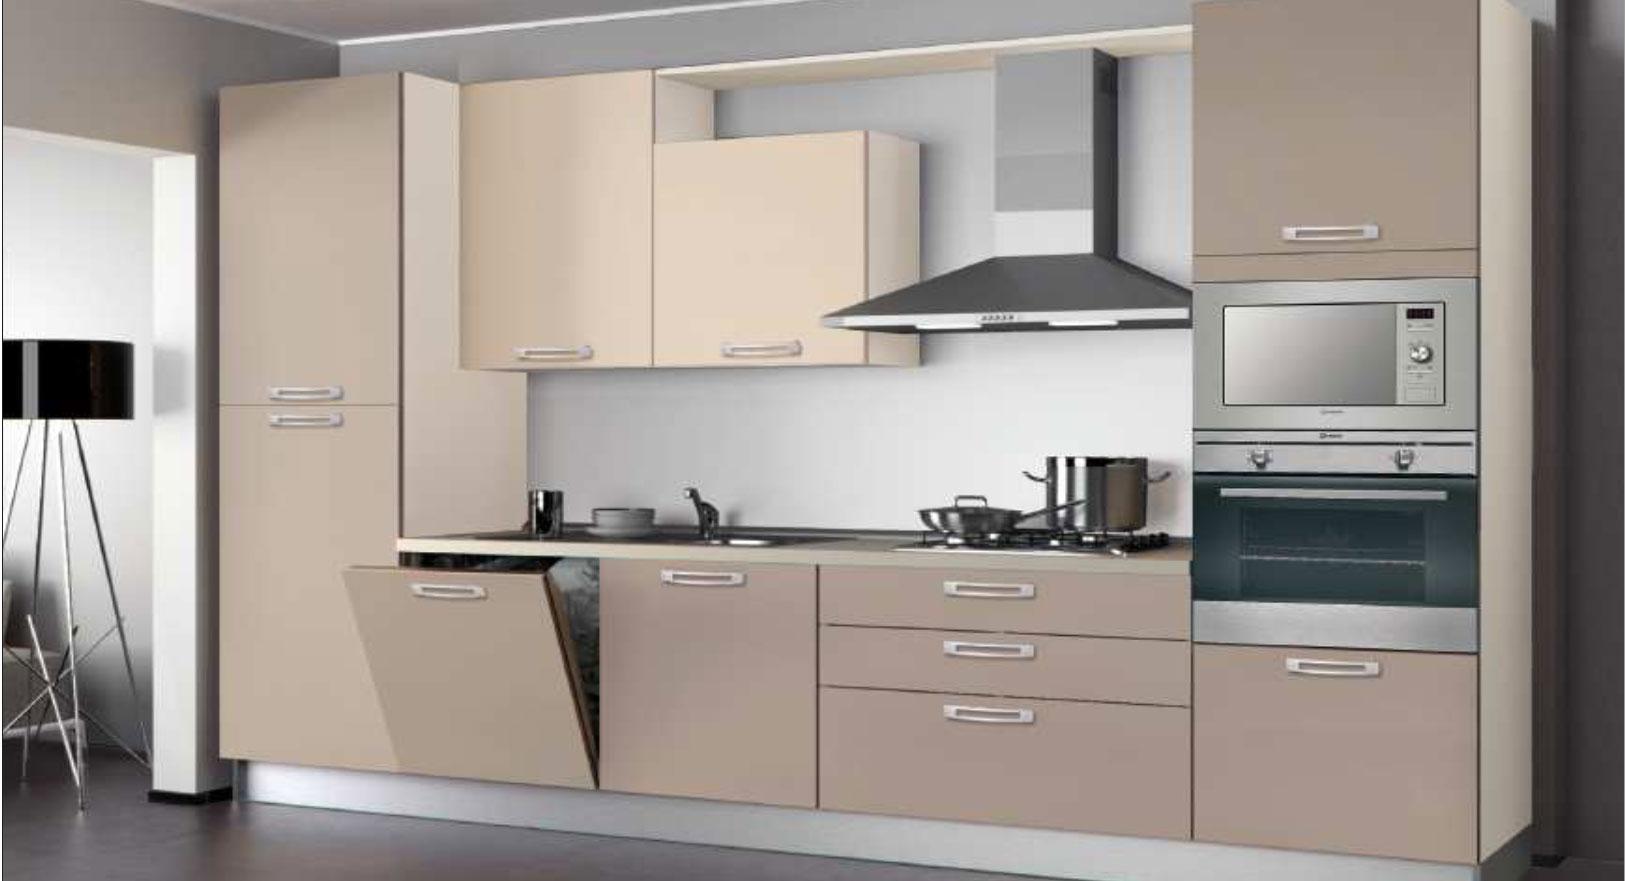 Promozione cucine creo scegli le composizioni standard for Cucina 4 metri lineari prezzi